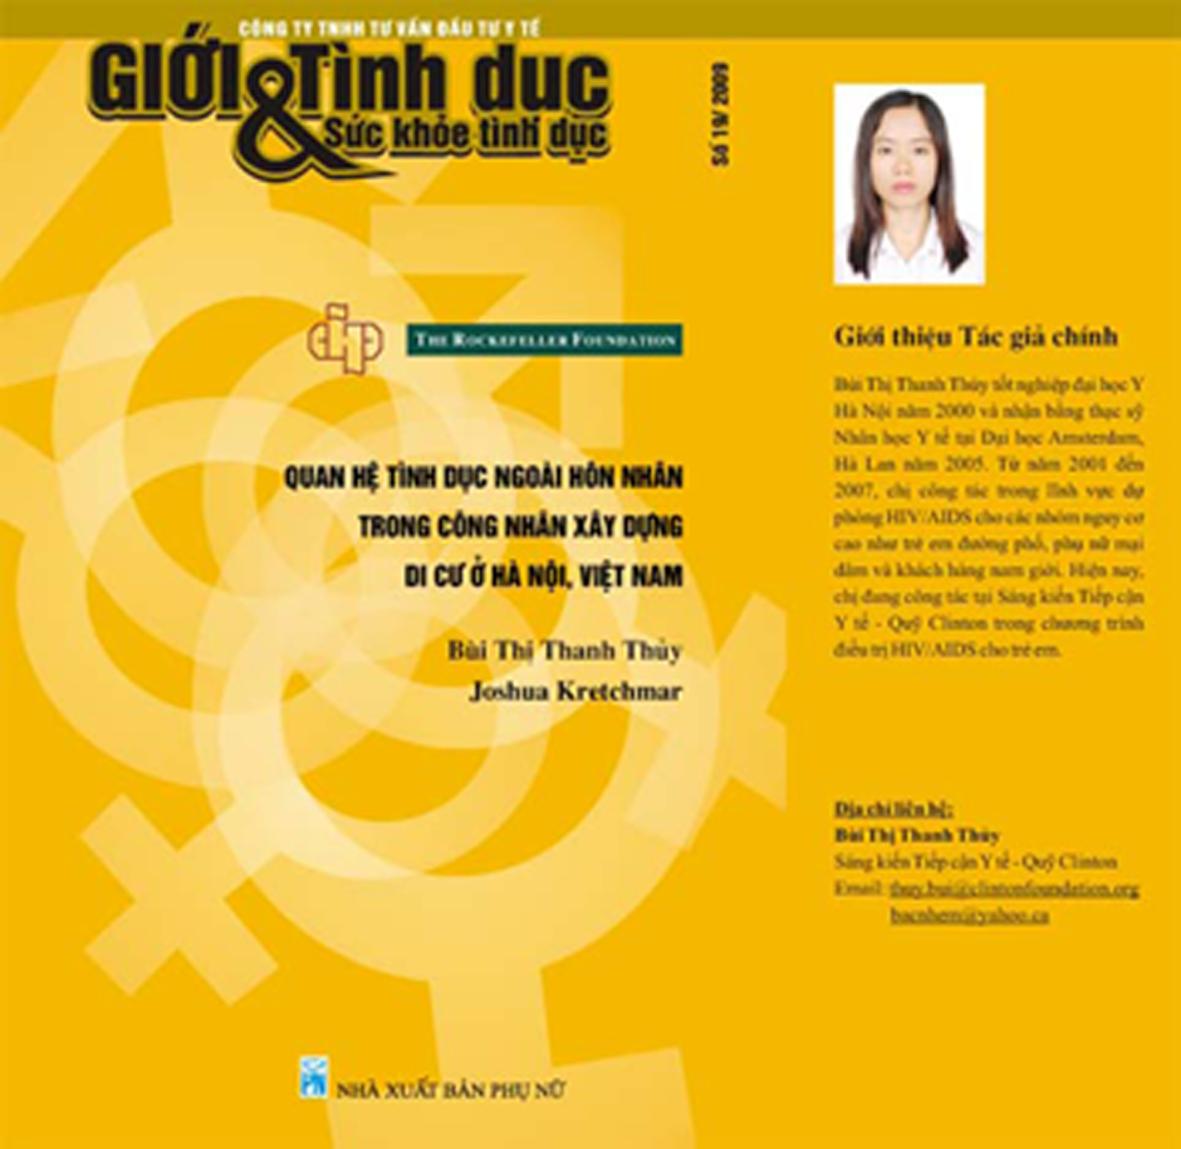 Quan hệ tình dục ngoài hôn nhân trong công nhân xây dựng di cư ở Hà Nội, Việt Nam, số 19, năm 2010